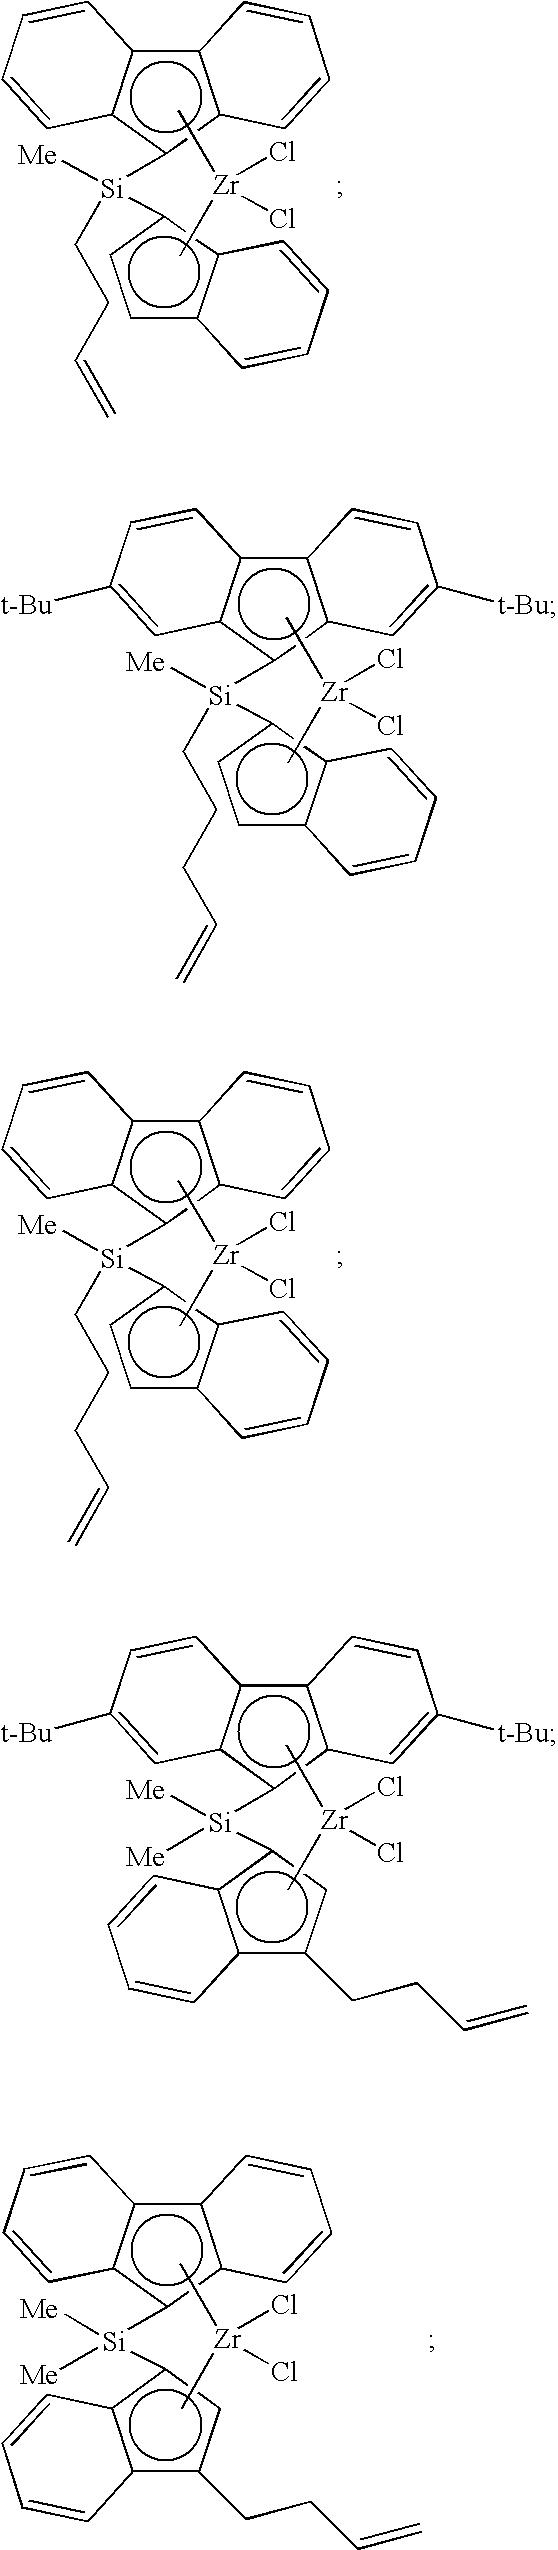 Figure US08329834-20121211-C00021